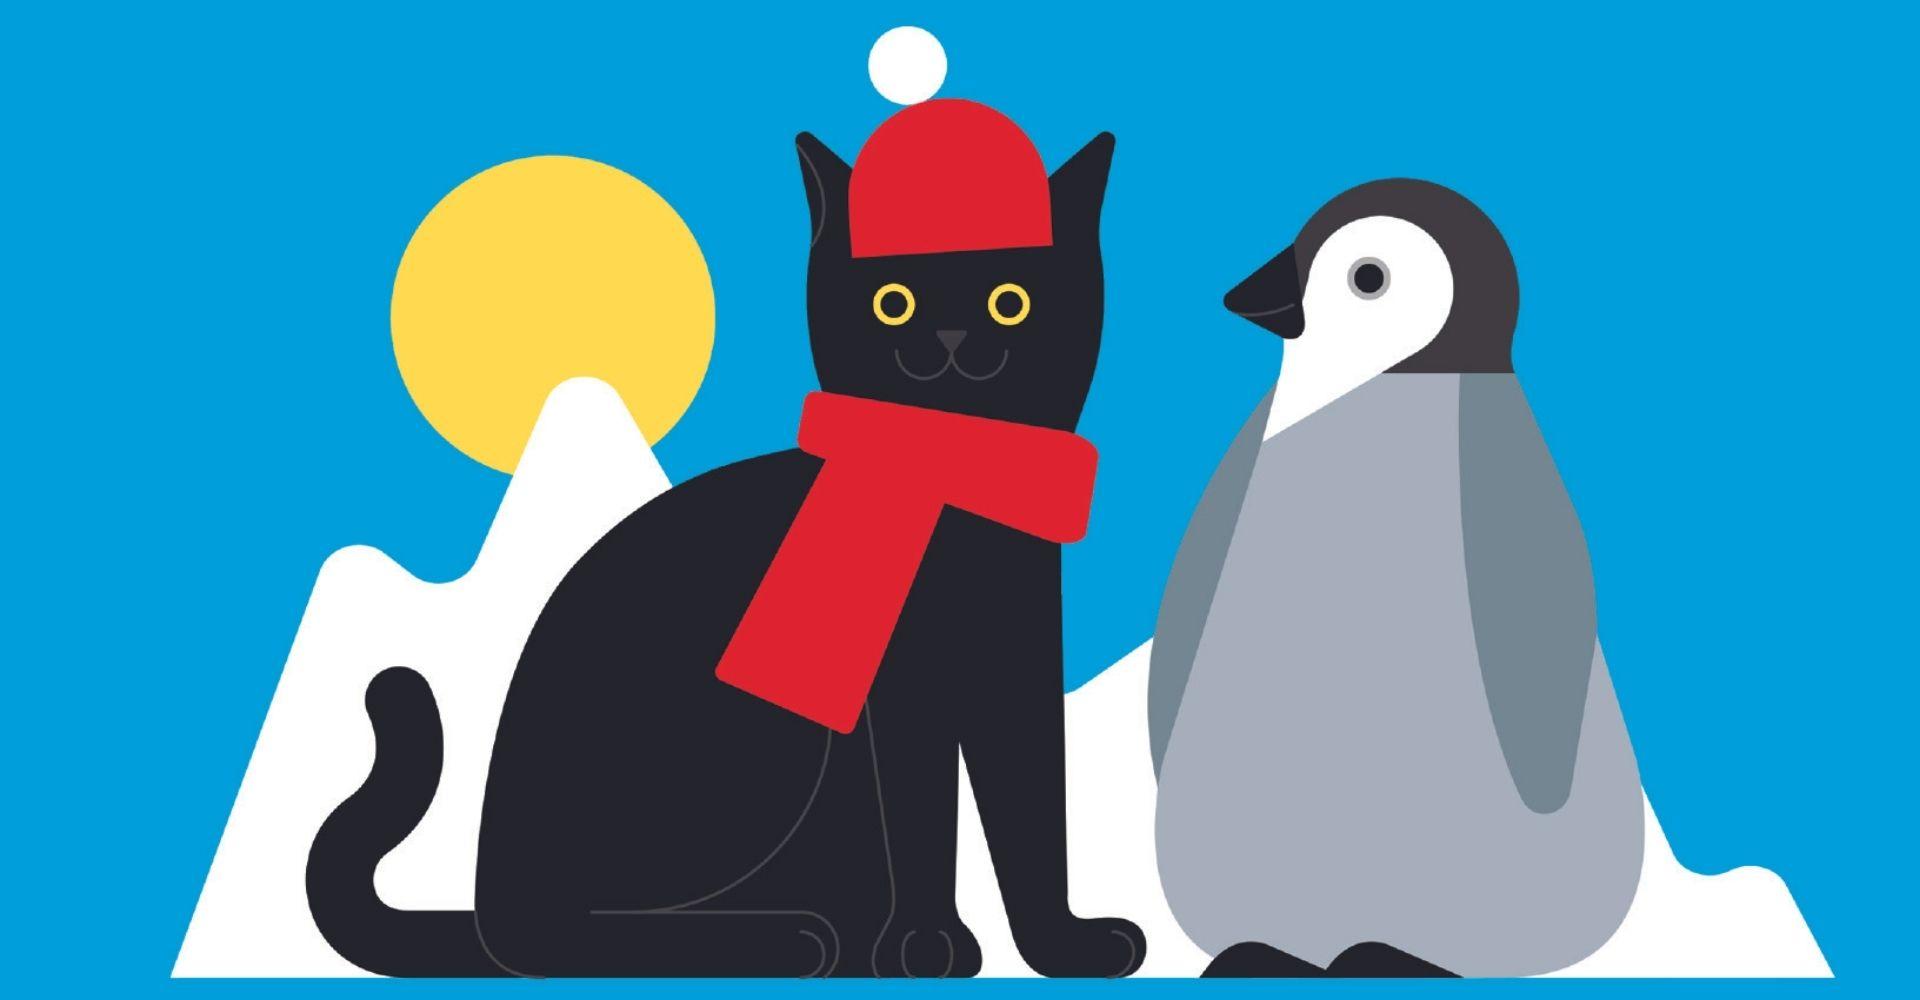 Storia di Milo, il gatto che andò al Polo Sud per aiutare un cucciolo di pinguino